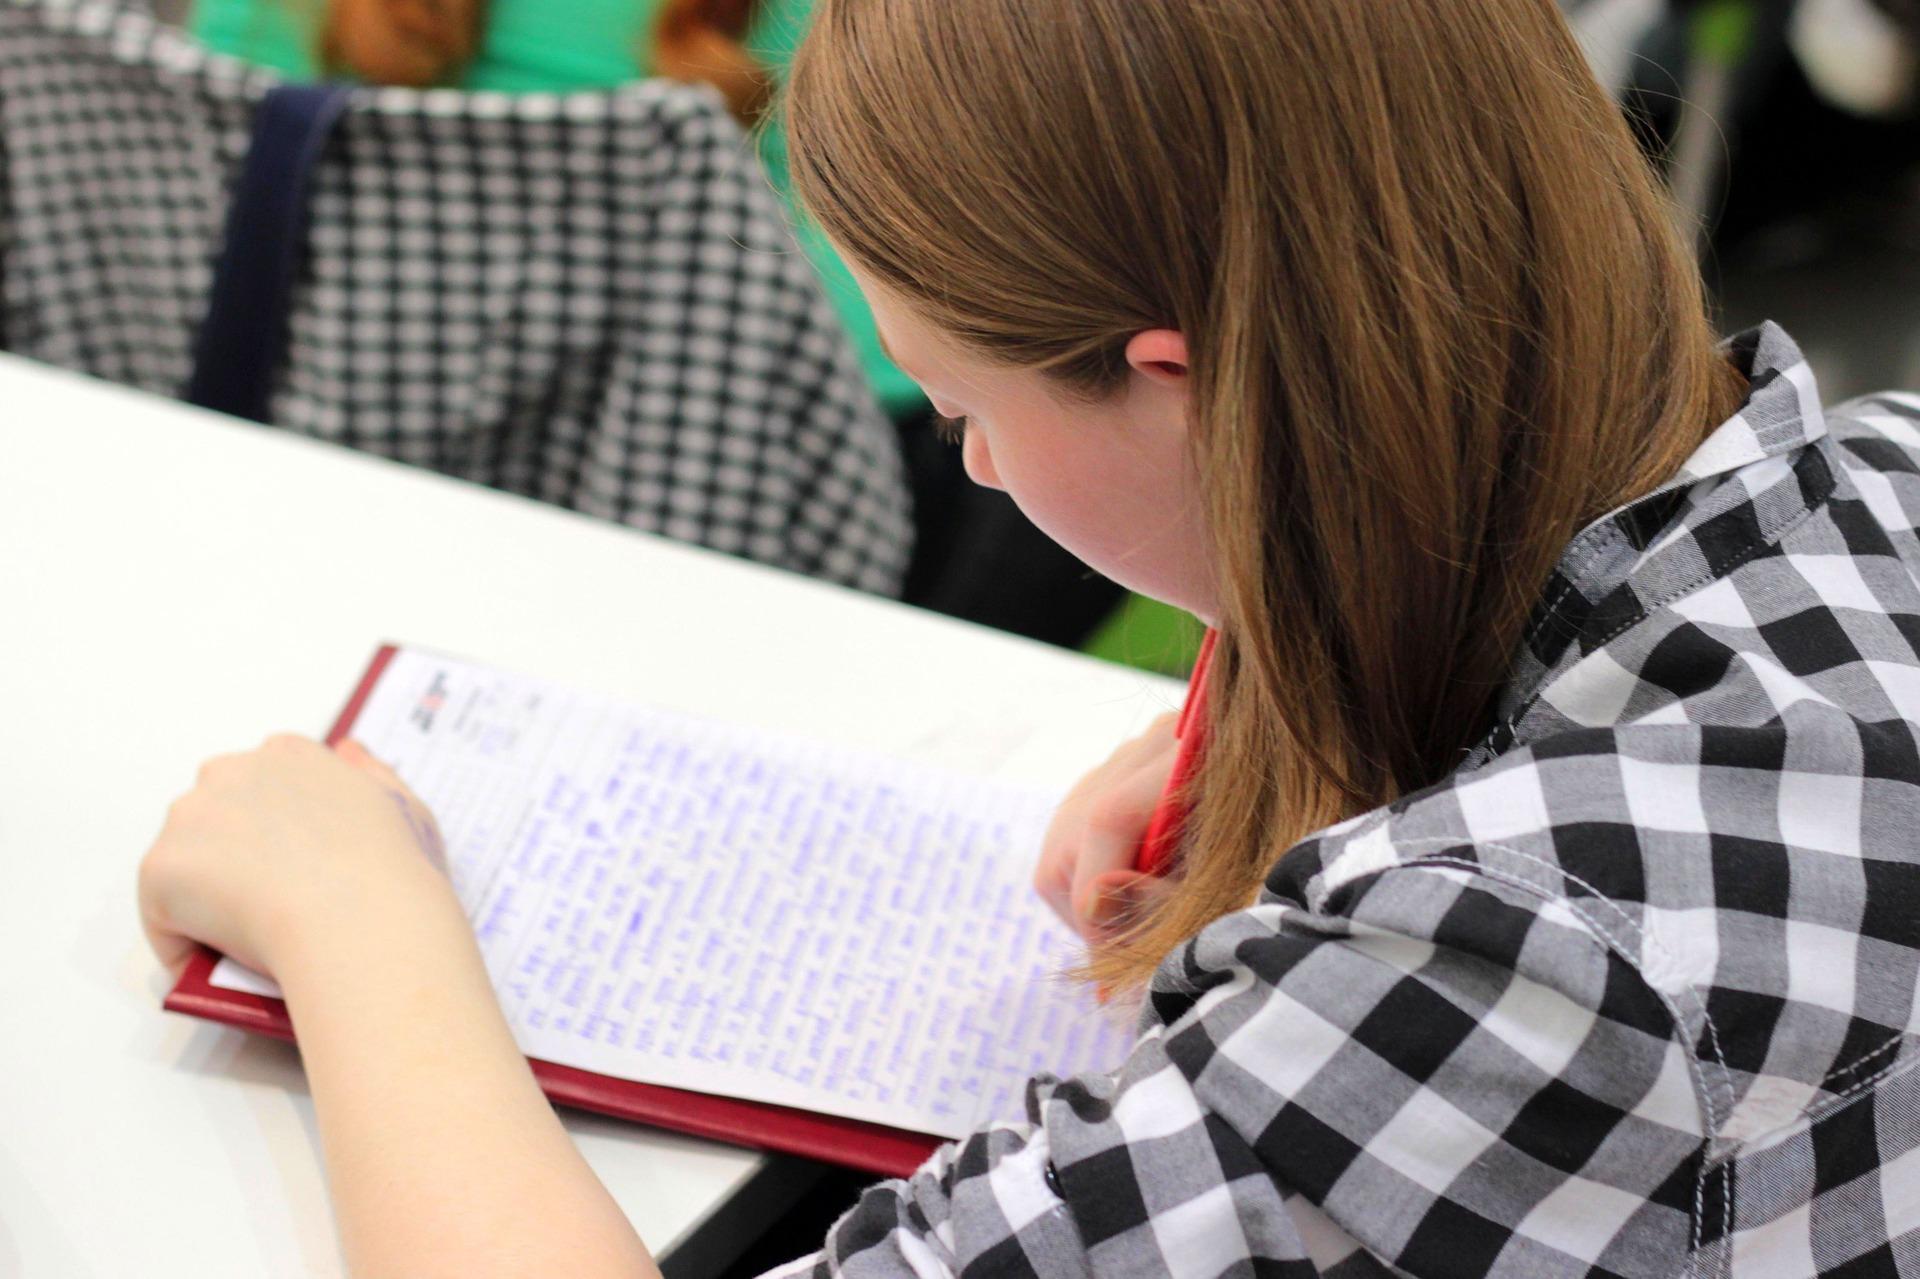 4 medidas para evitar situaciones de riesgo en la escuela - Featured Image